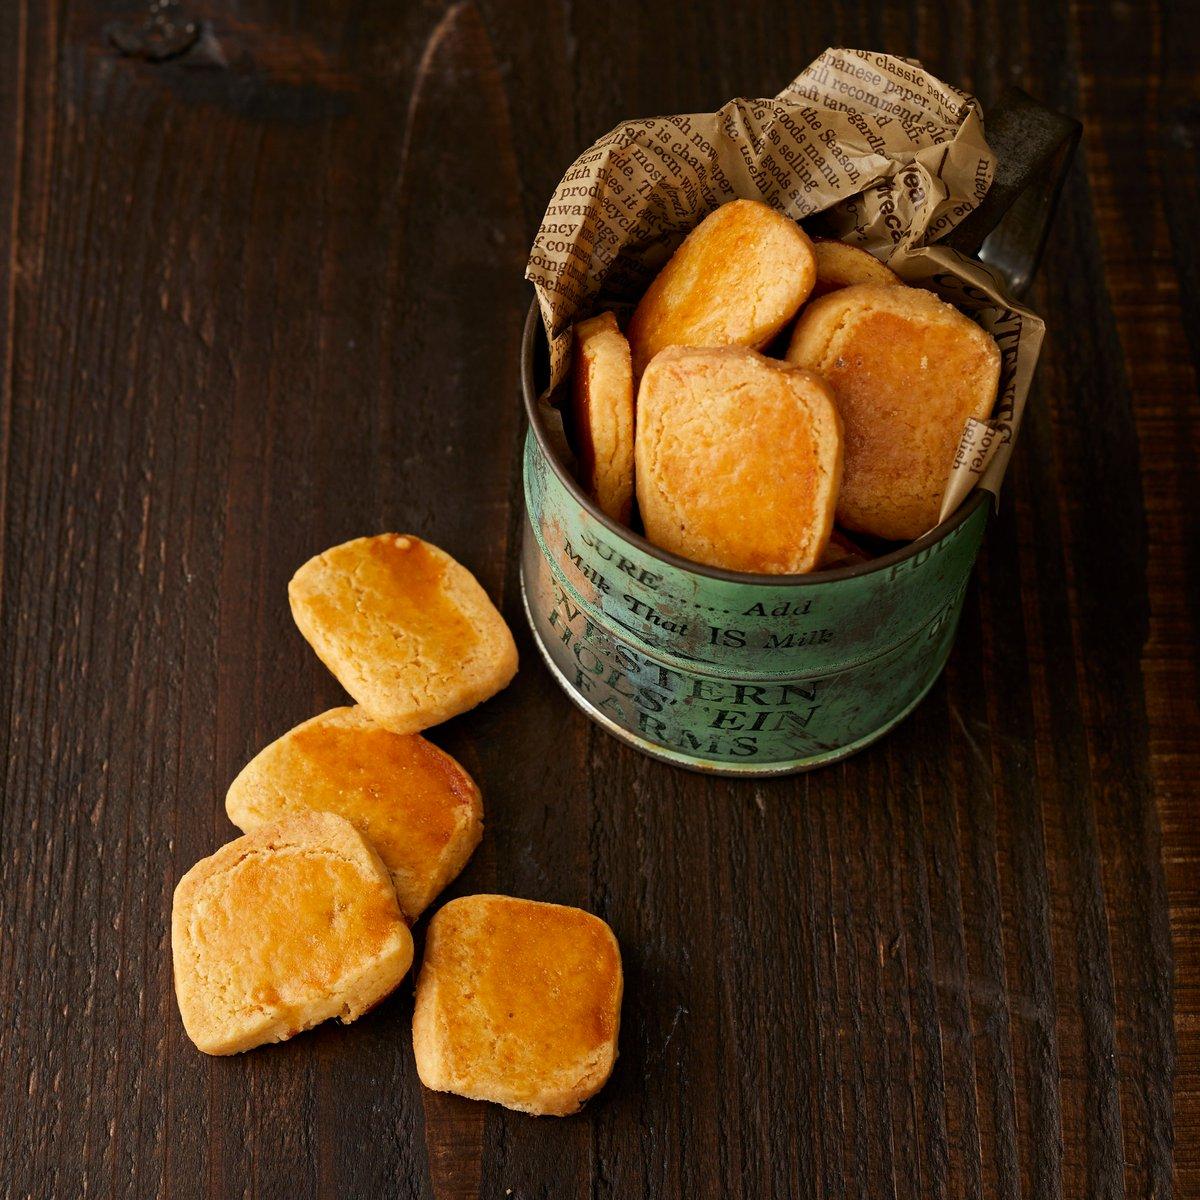 年末年始のお供に?家で簡単に出来るクッキーの作り方‼